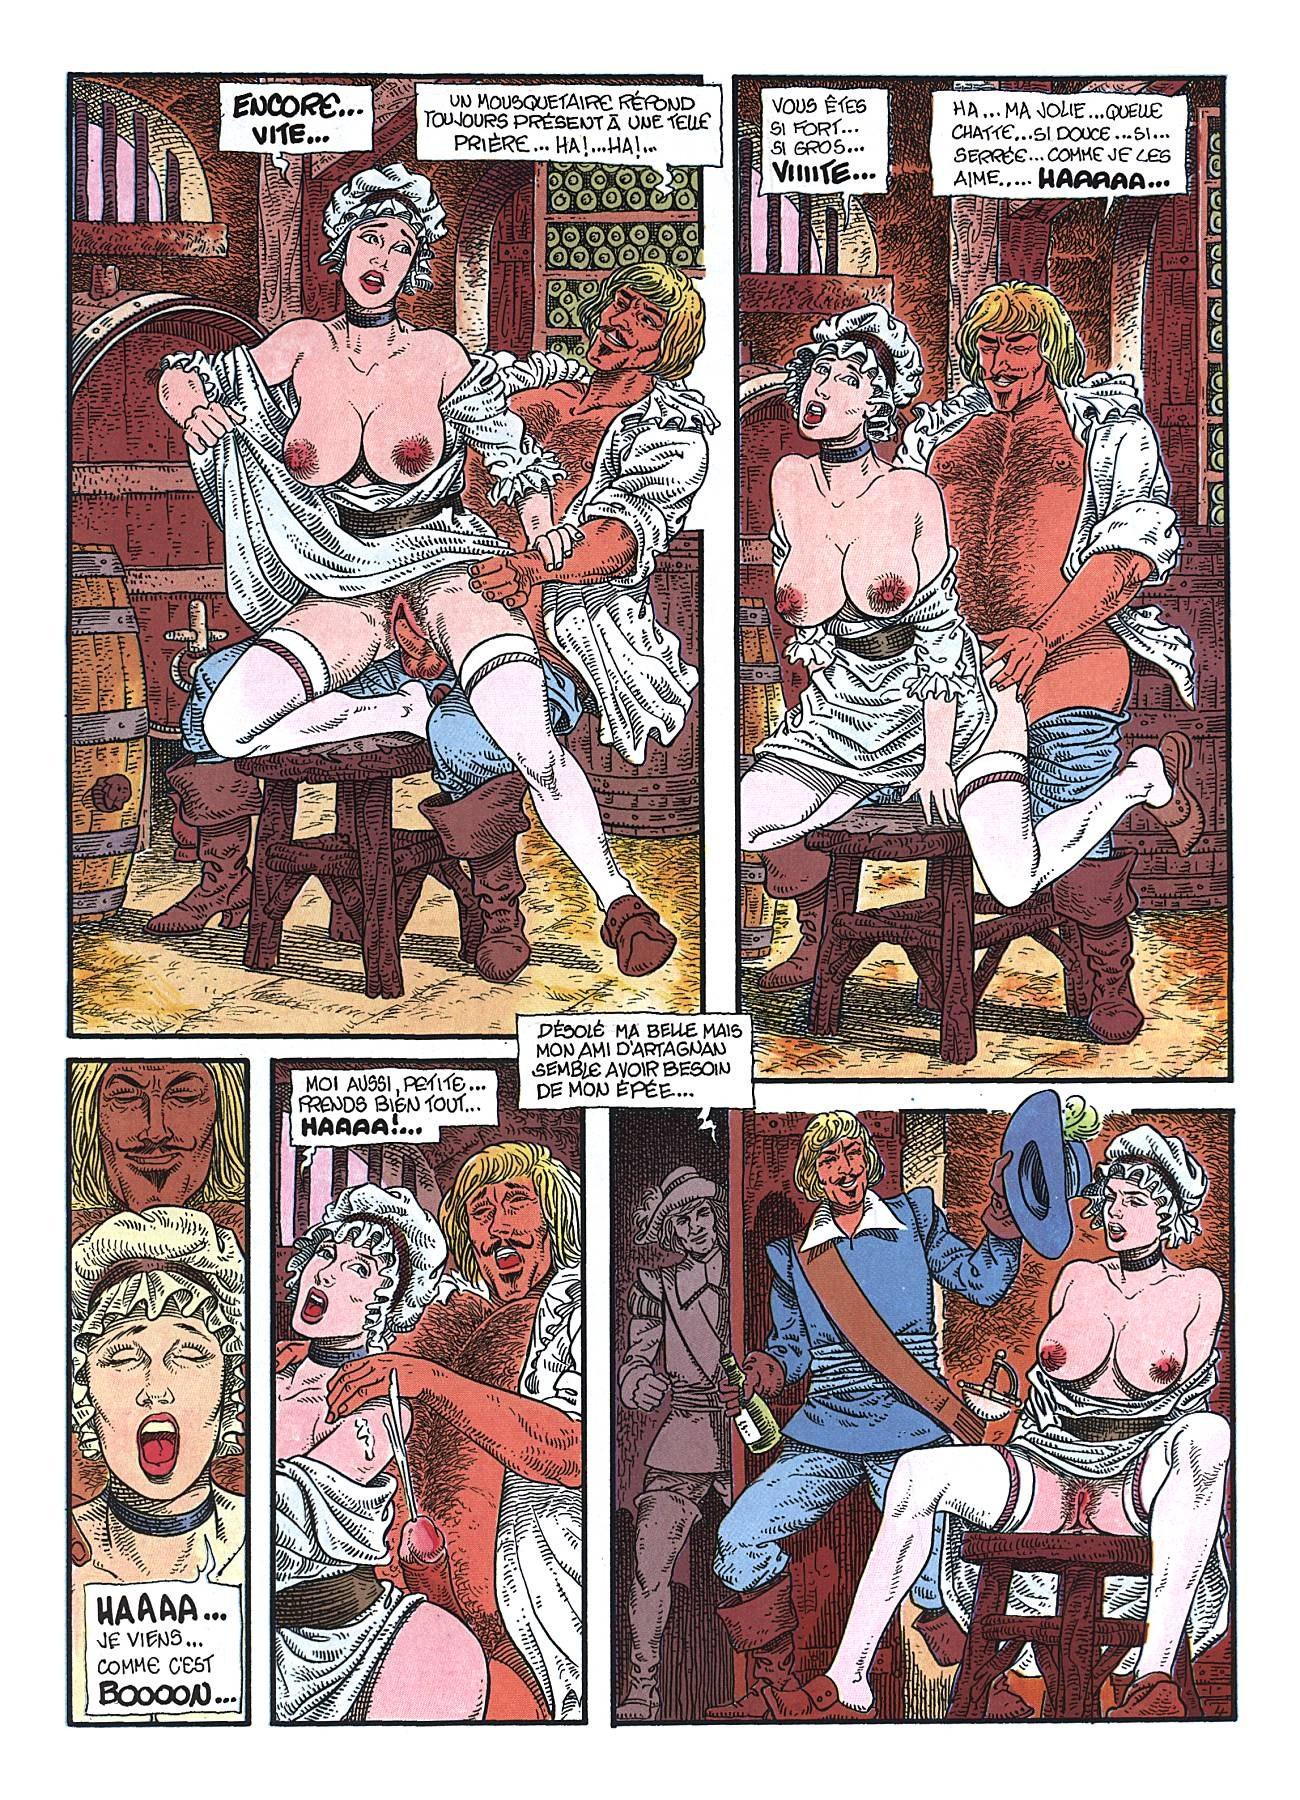 Les mousquetaires de sexe et d039epee prt 3 gr2 - 3 part 6